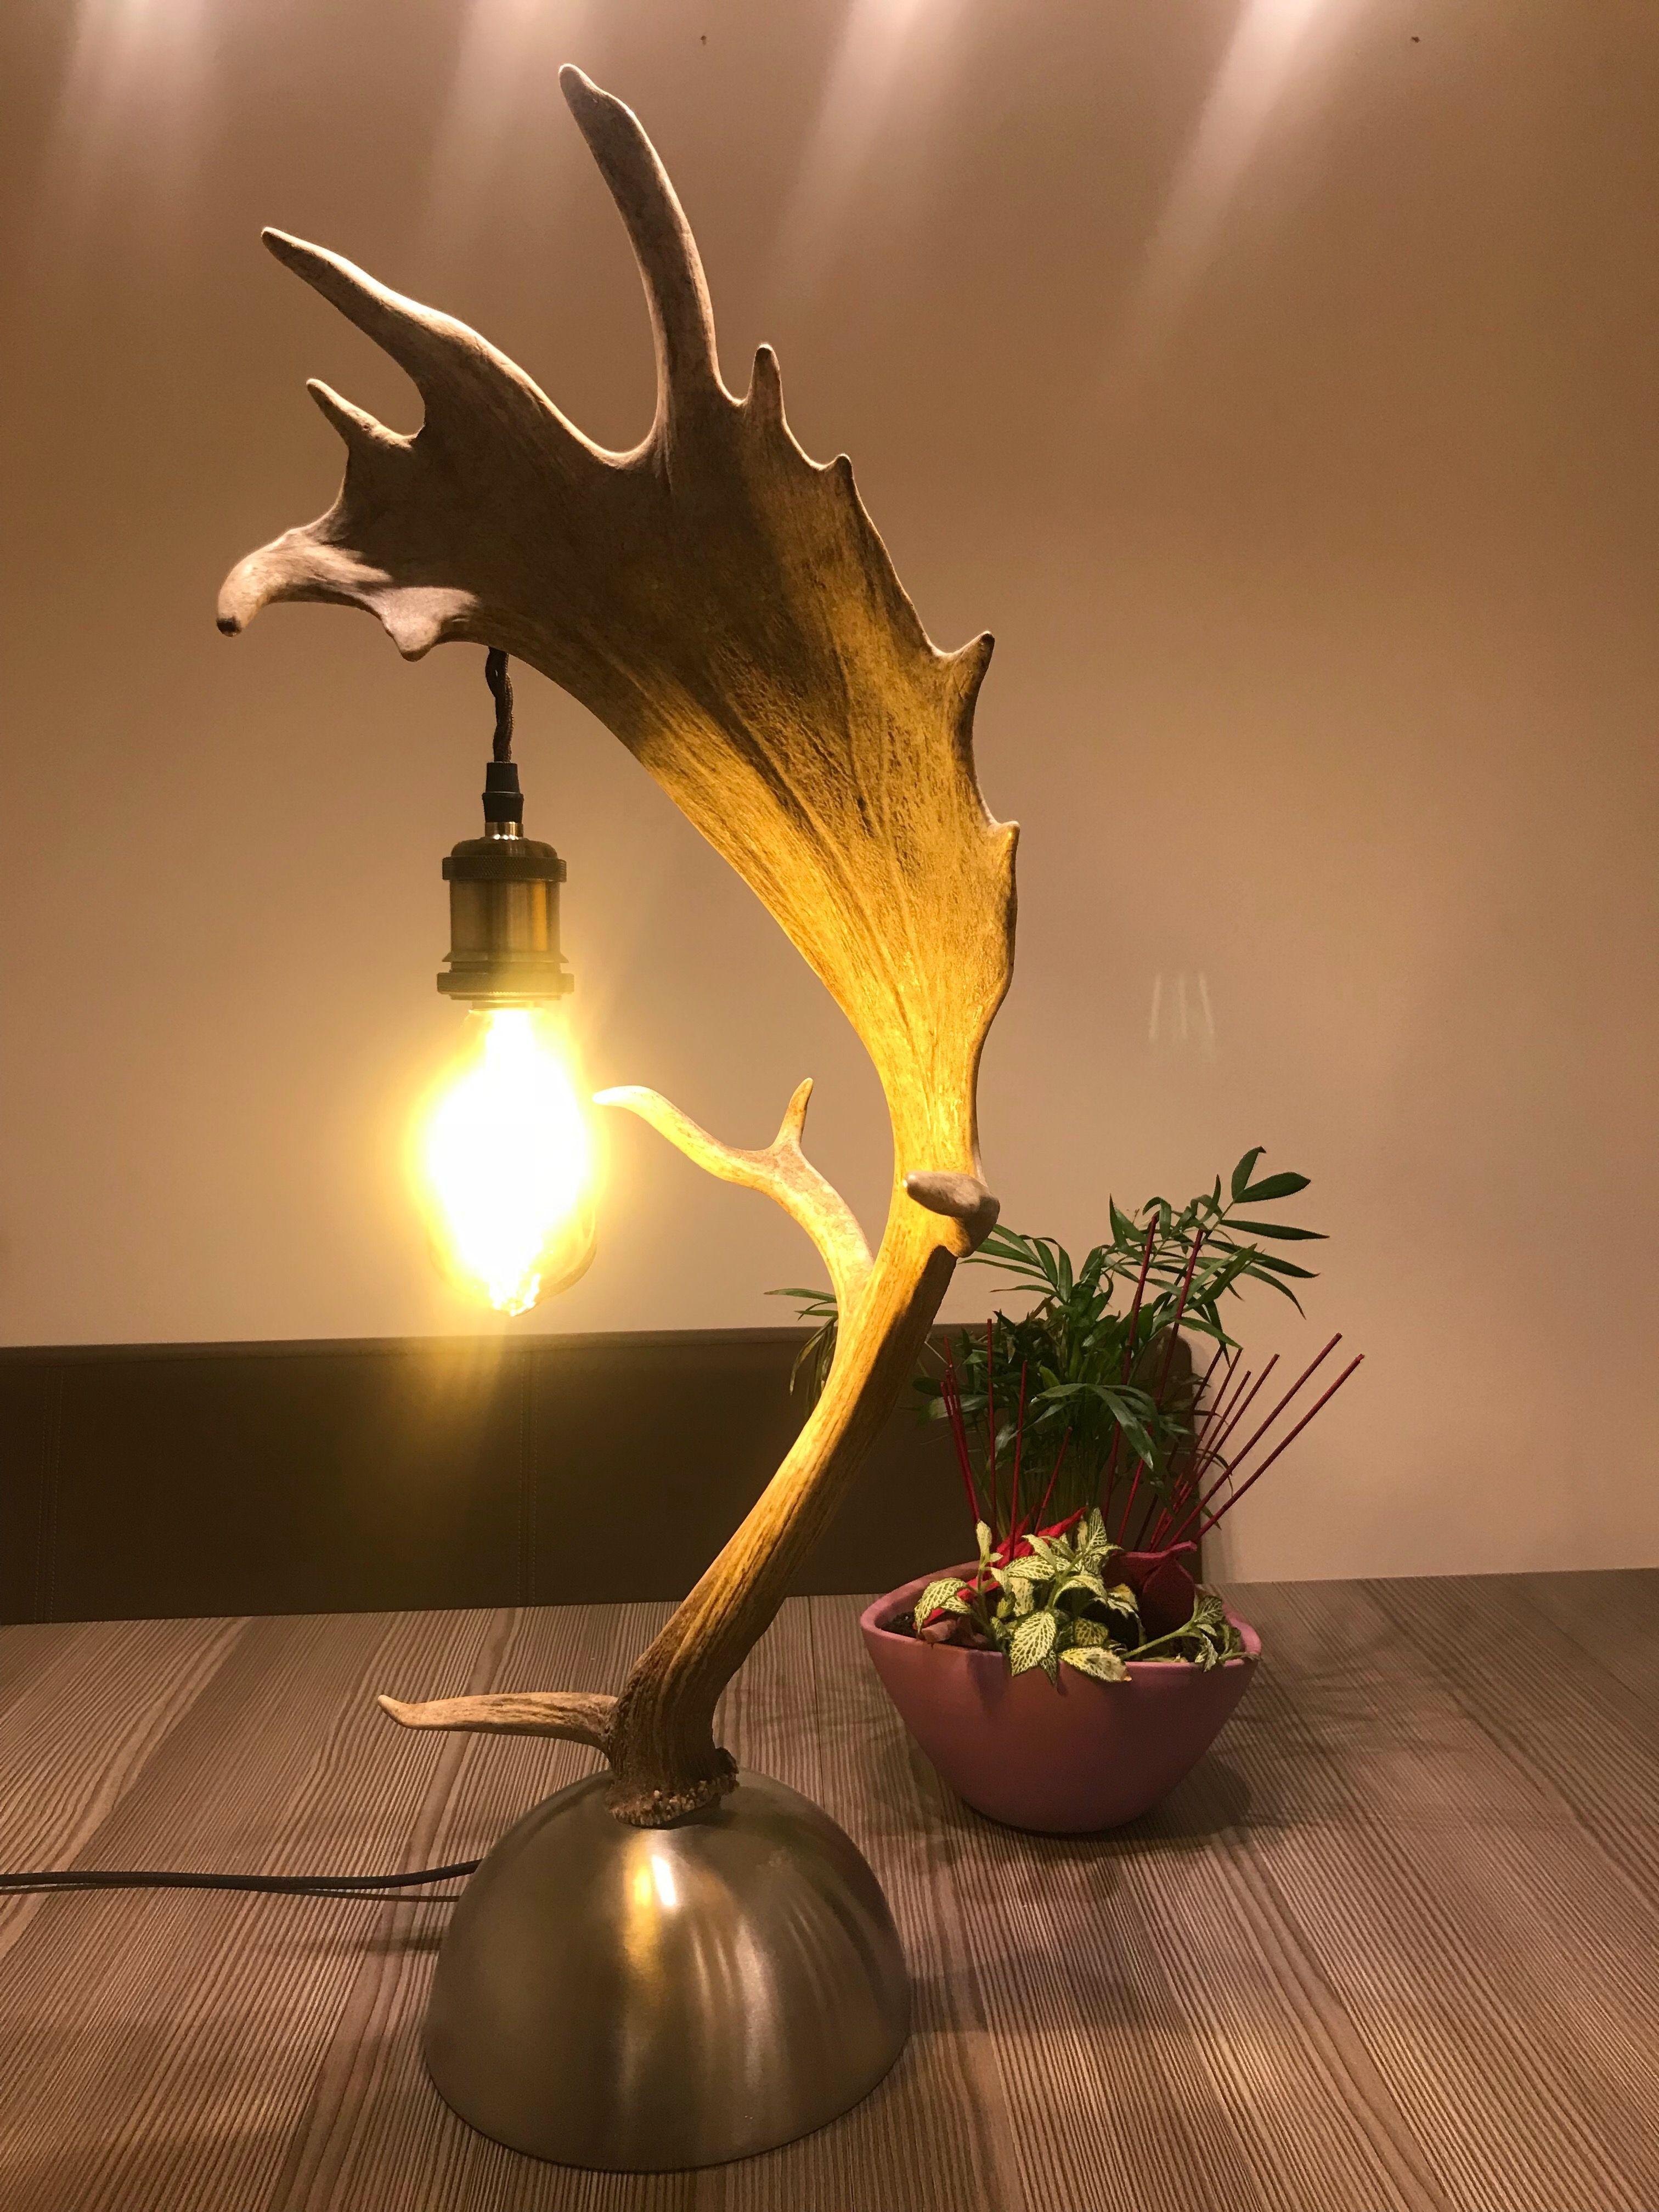 Geweih Tischlampe Von Der Osterreichischen Manufaktur Oh My Deer Geweih Luster Geweih Kronleuchter Geweih Lampen Nac Lamp Antler Lamp Chandelier Table Lamp